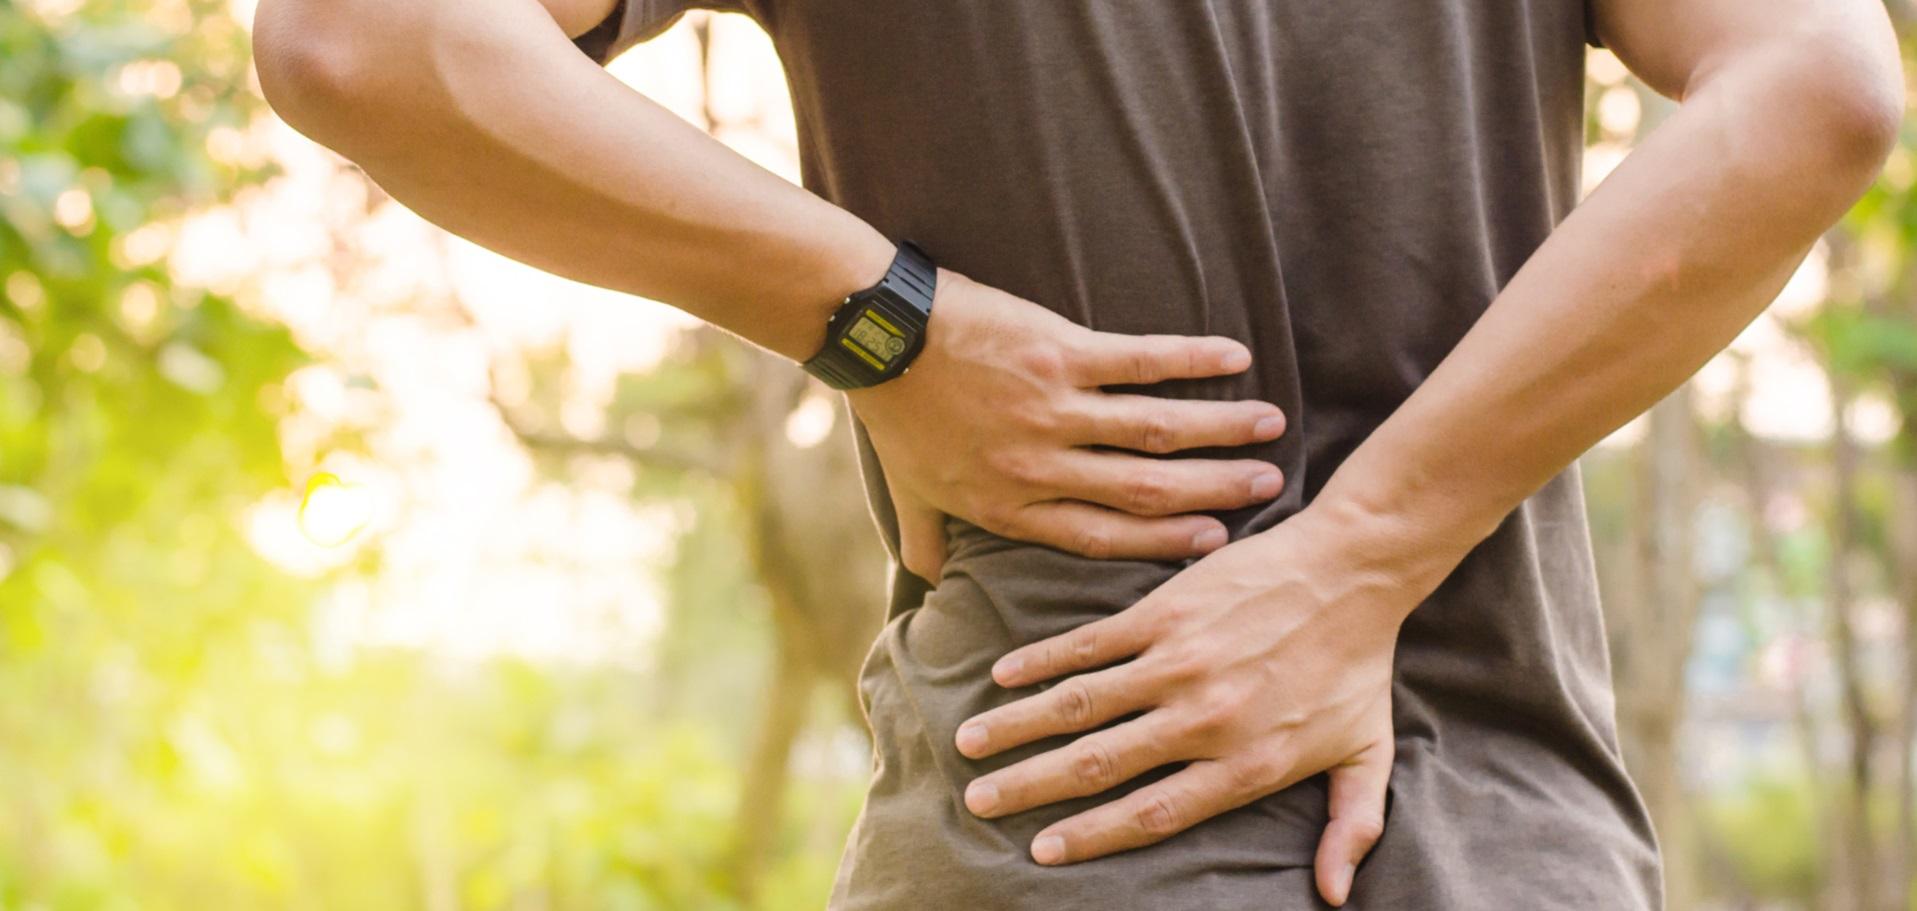 身體疼痛洩「老化」警訊! 醫師:掌握5大撇步來改善